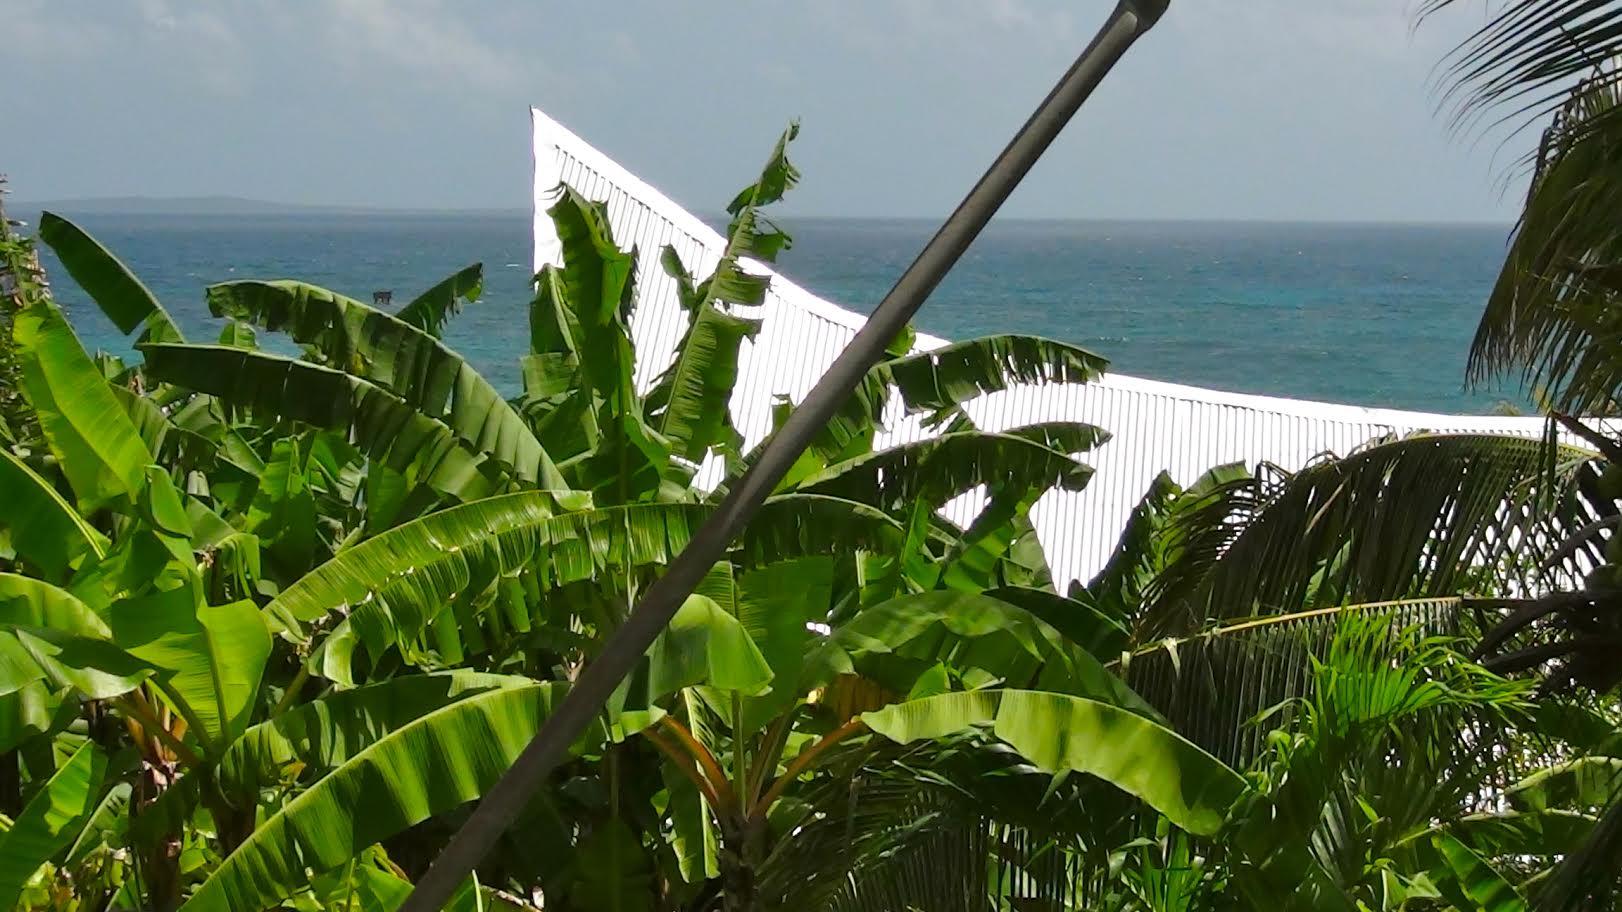 Los Escapados Eco-Cabin 3 ocean views